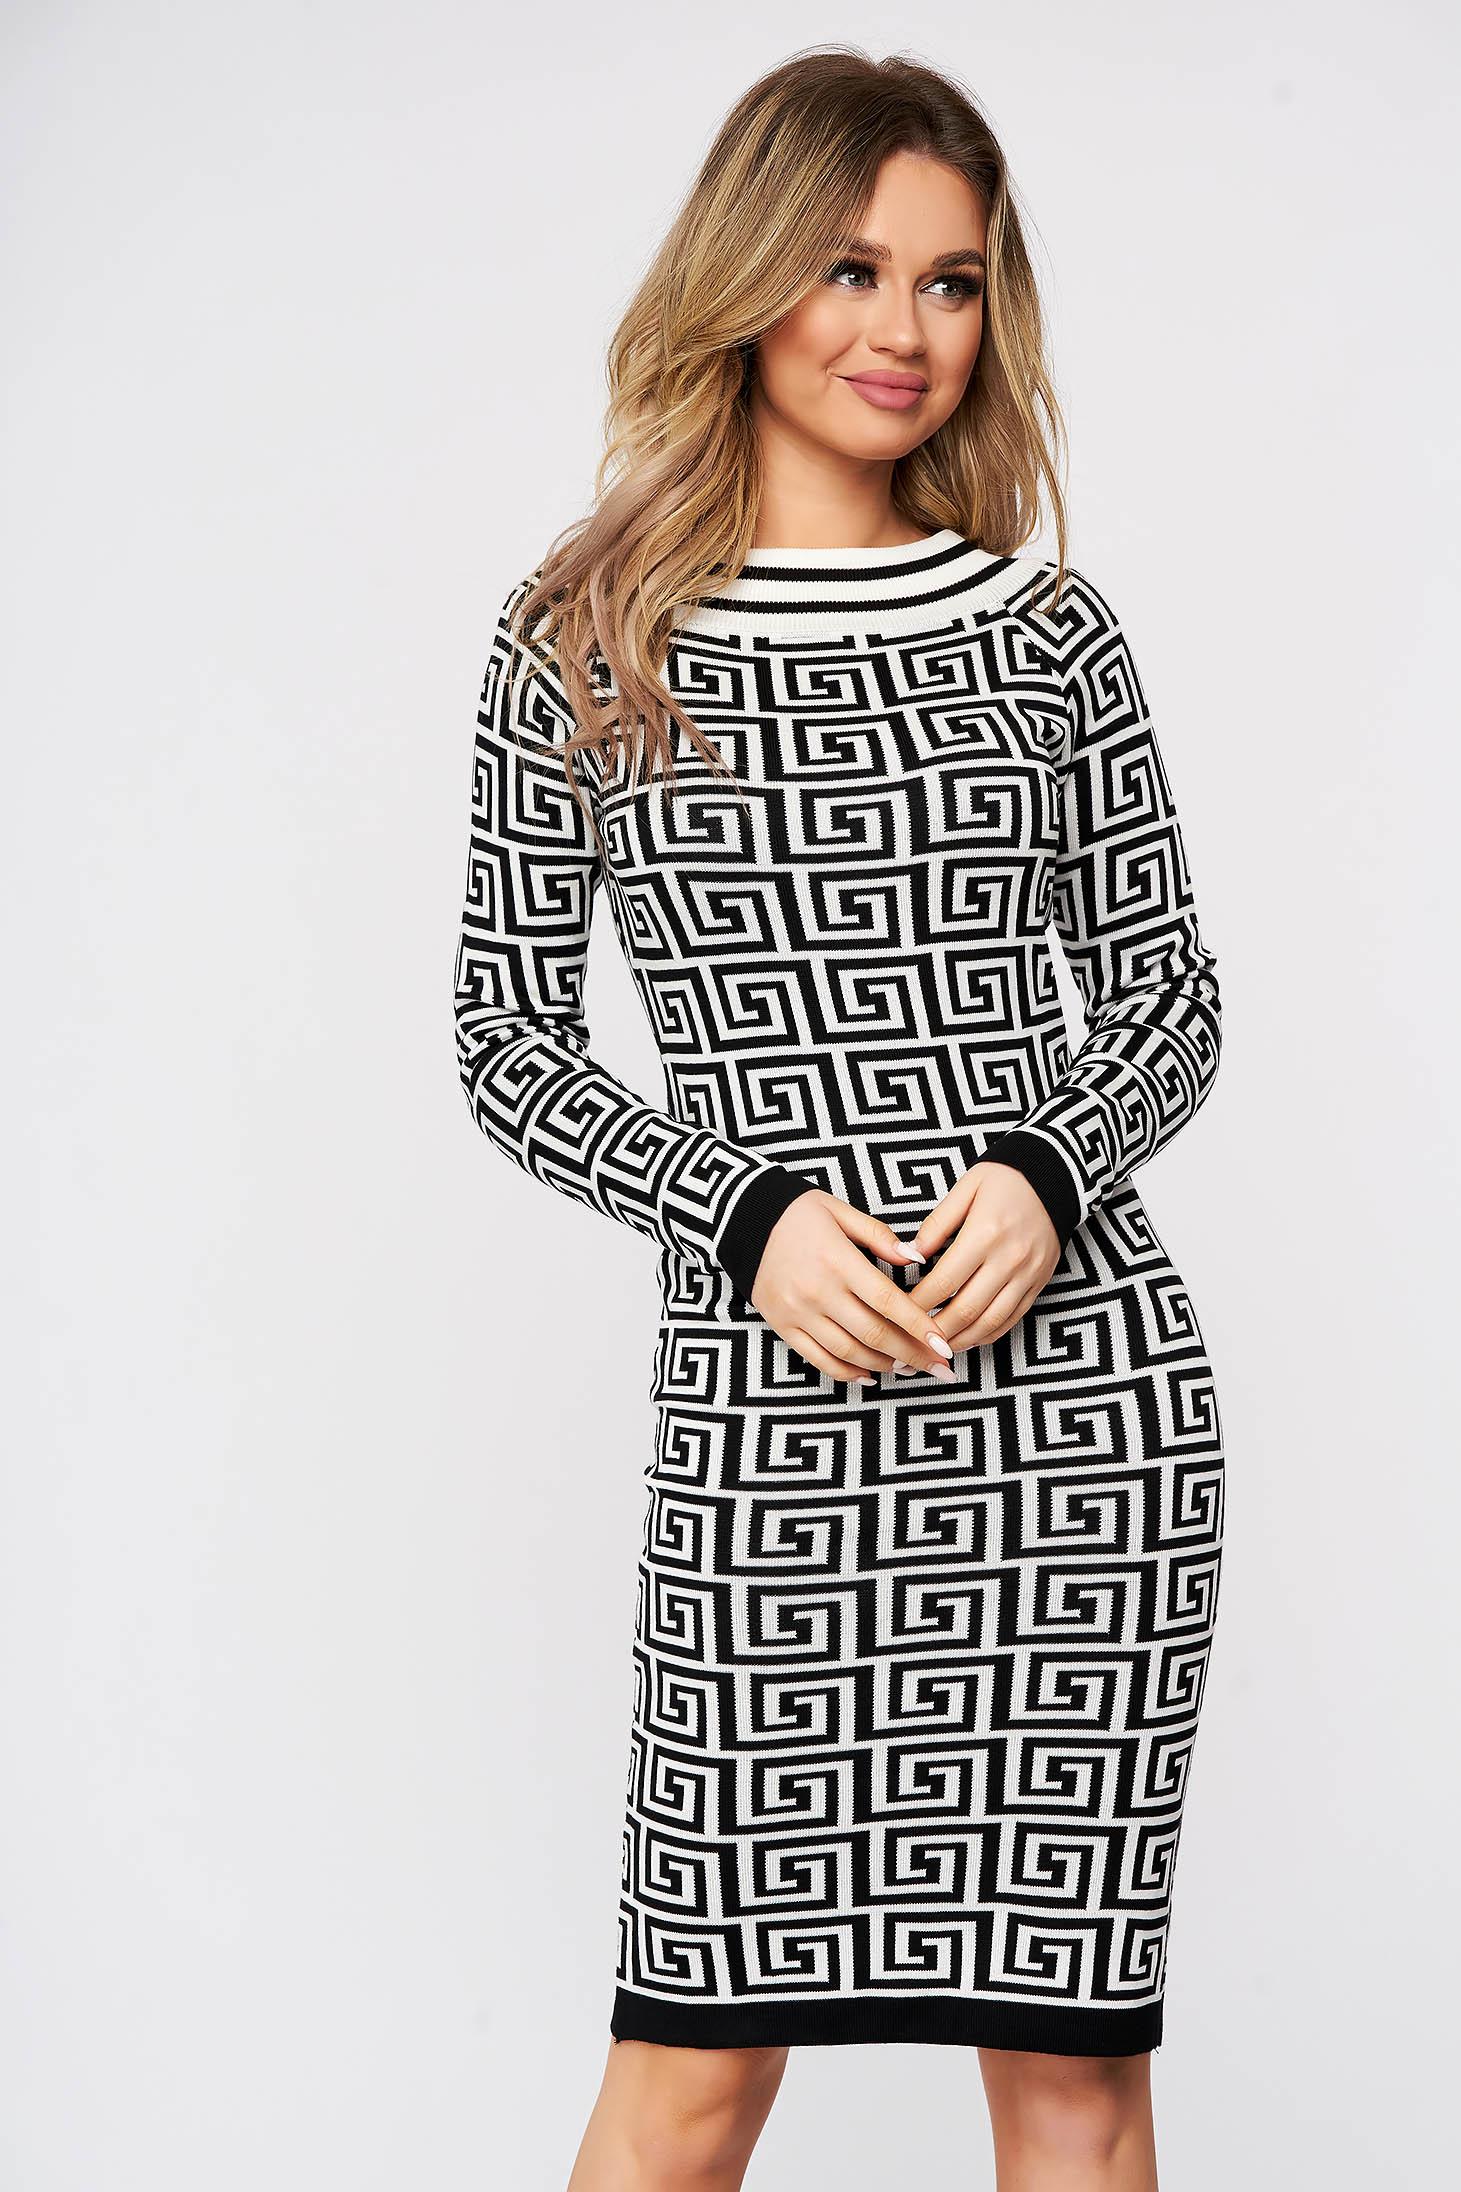 Rochie SunShine alba tricotata din material reiat elastic si fin cu imprimeu grafic si cu un croi mulat